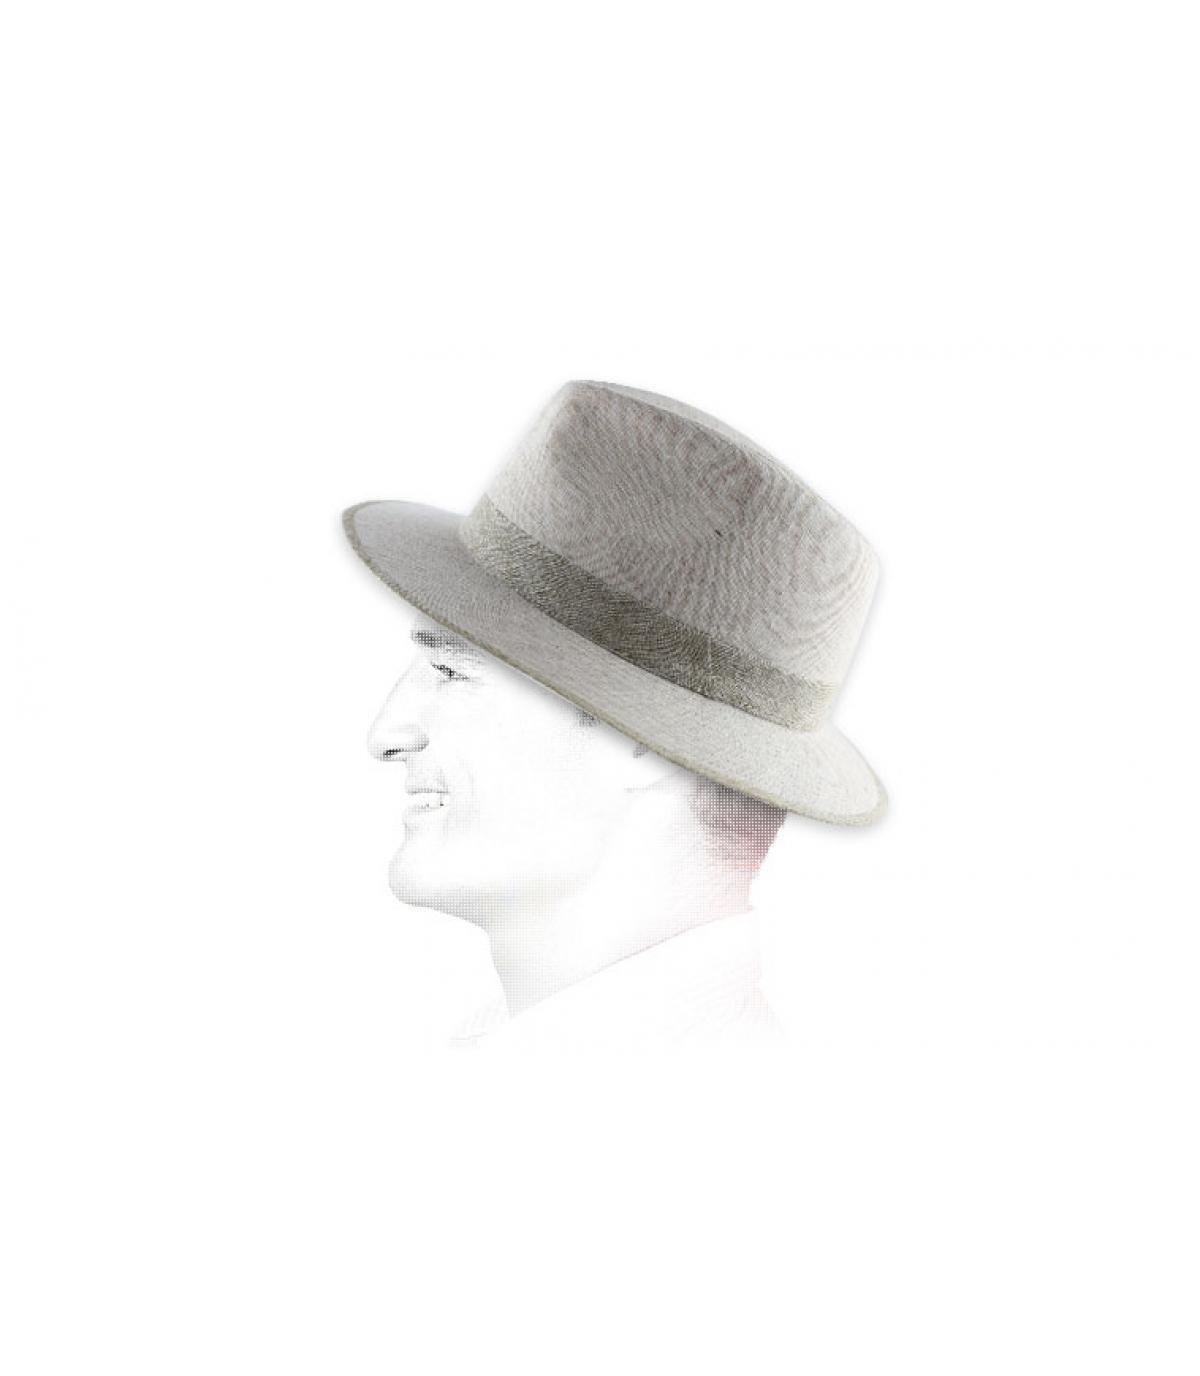 tela del sombrero blanco rayas de color beige